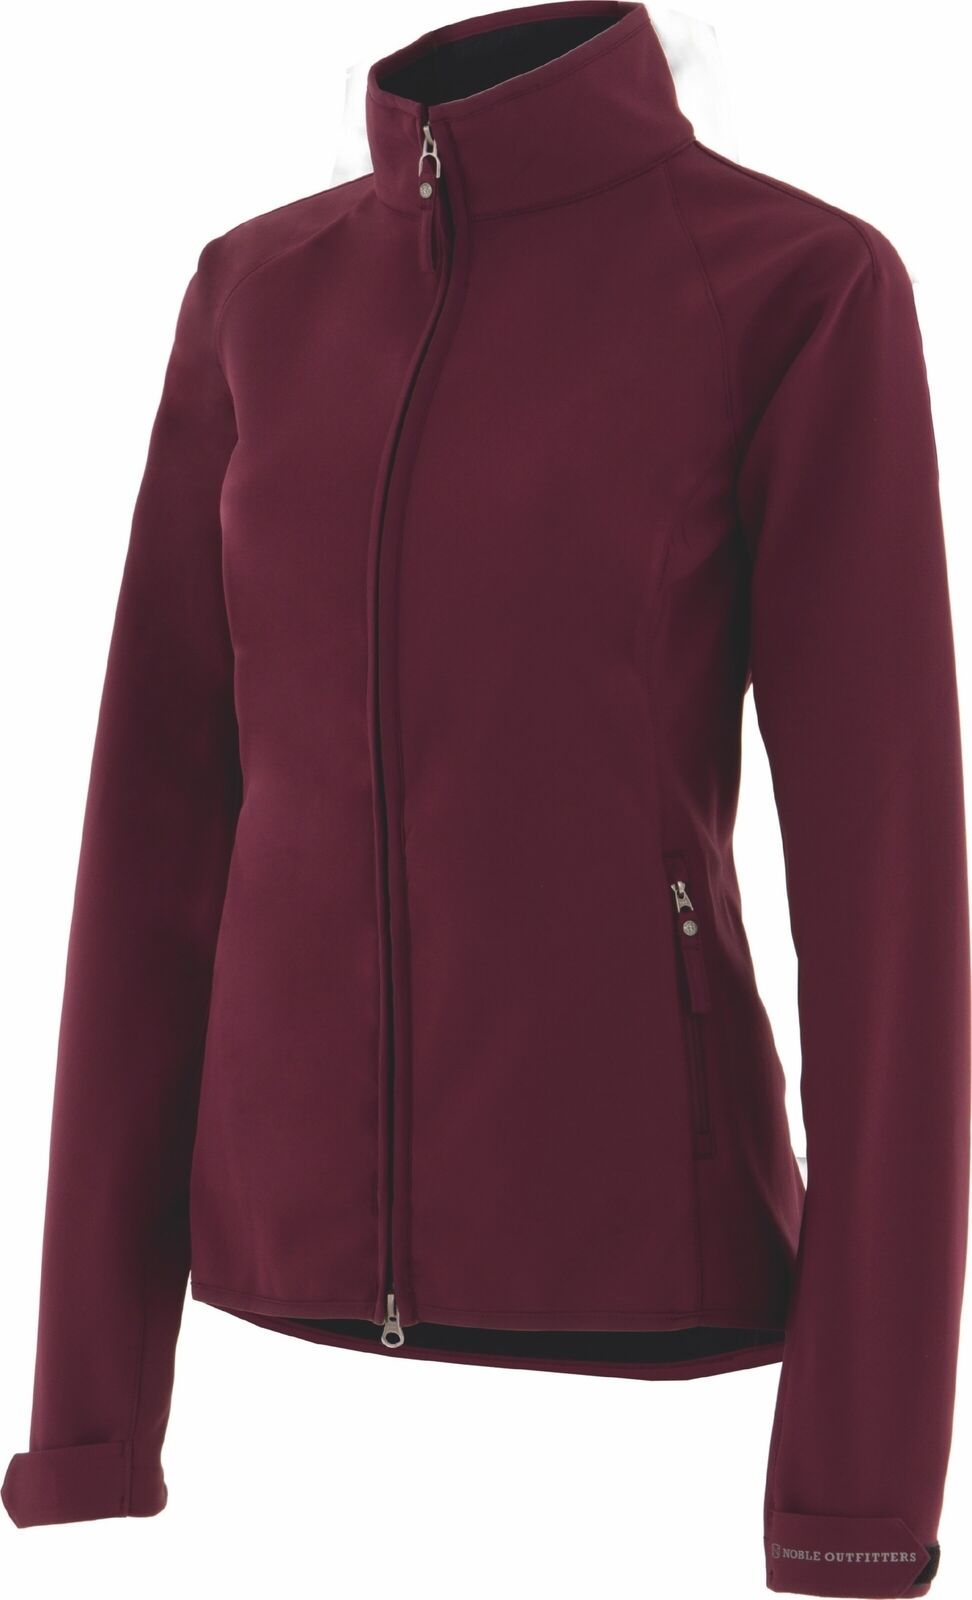 Noble  Outfitters todo alrojoedor de chaqueta  Venta al por mayor barato y de alta calidad.